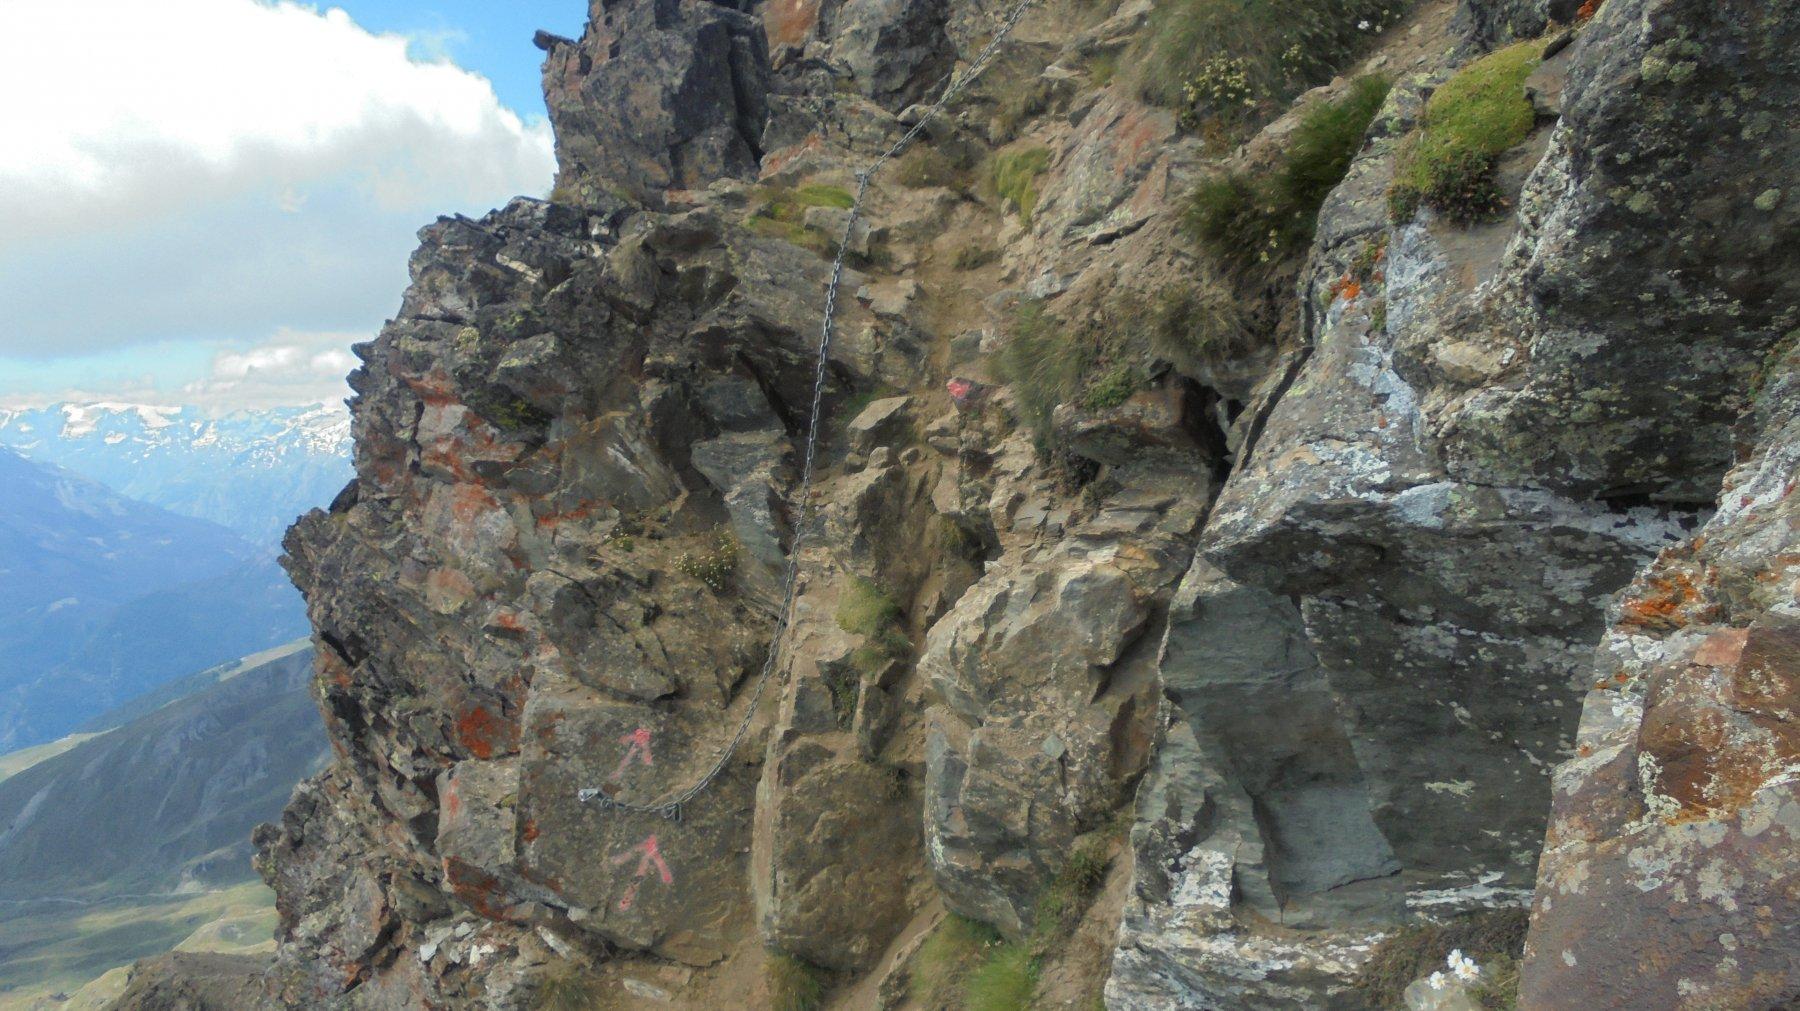 Uno dei passi più esposti della cresta, un II  da effettuare in disarrampicata se si proviene dalla via per il lago Morto